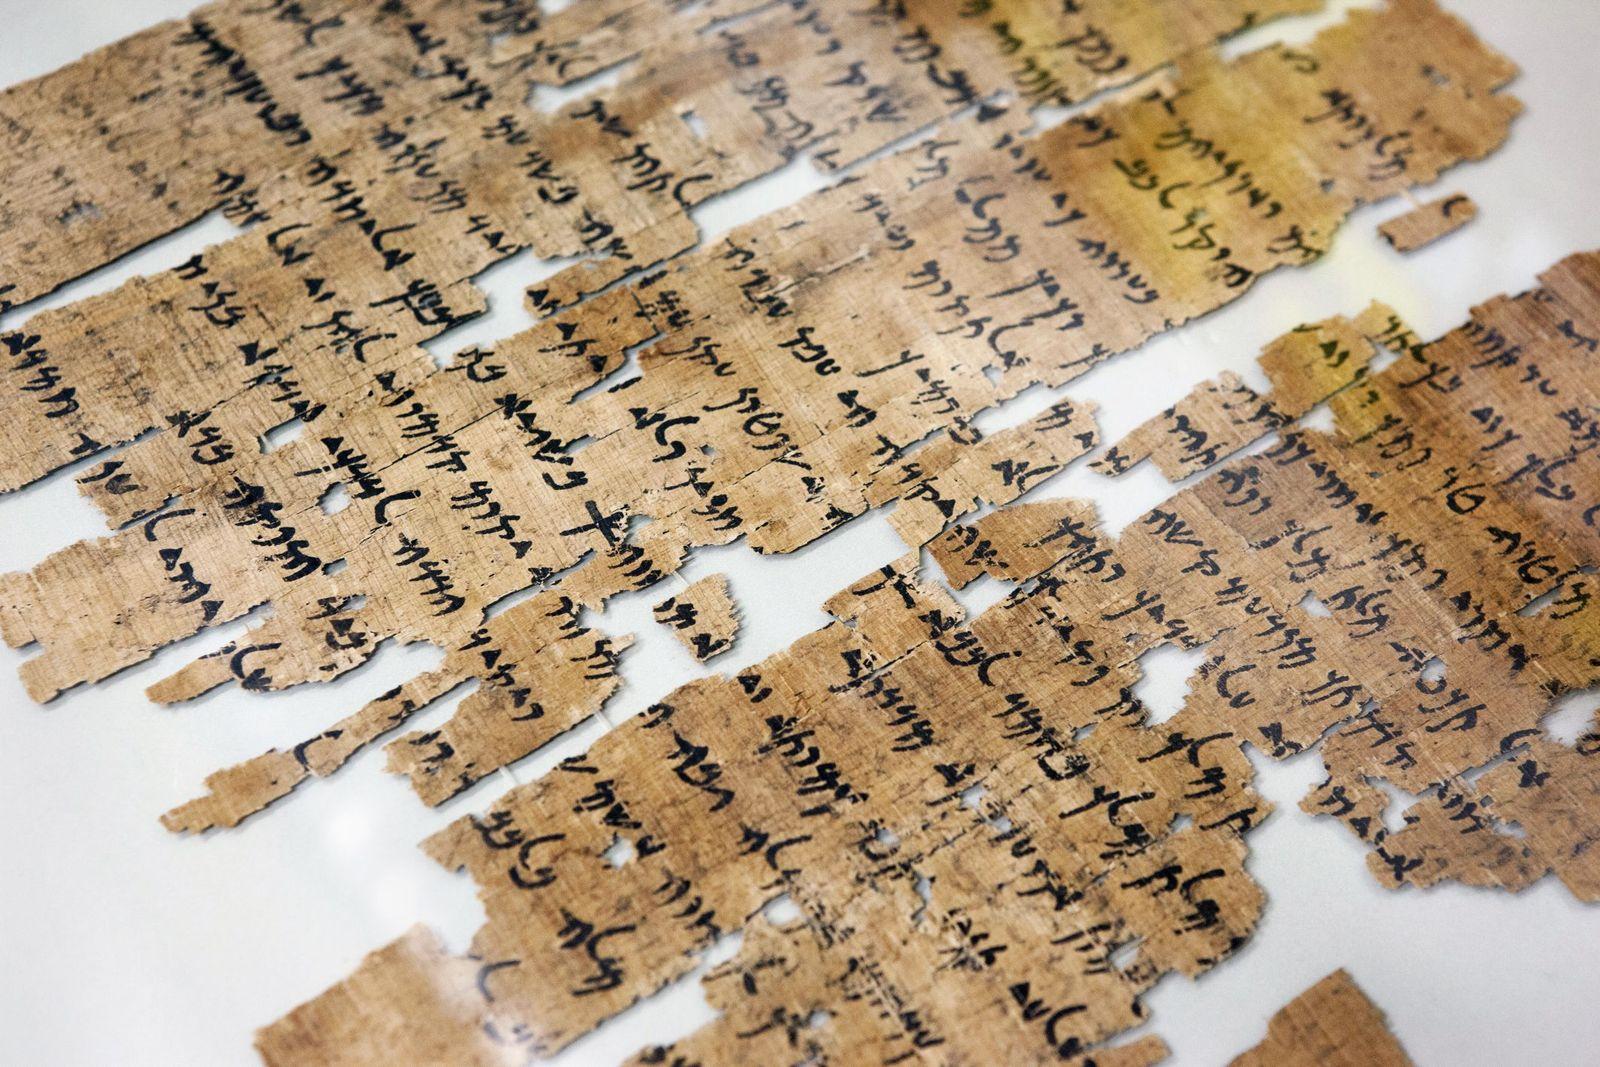 In Glas gefasster Papyrus von der Nilinsel Elephantine, im Depot des Archäologischen Zentrums (c) Staatliche Museen zu Berlin / Juliane Eirich